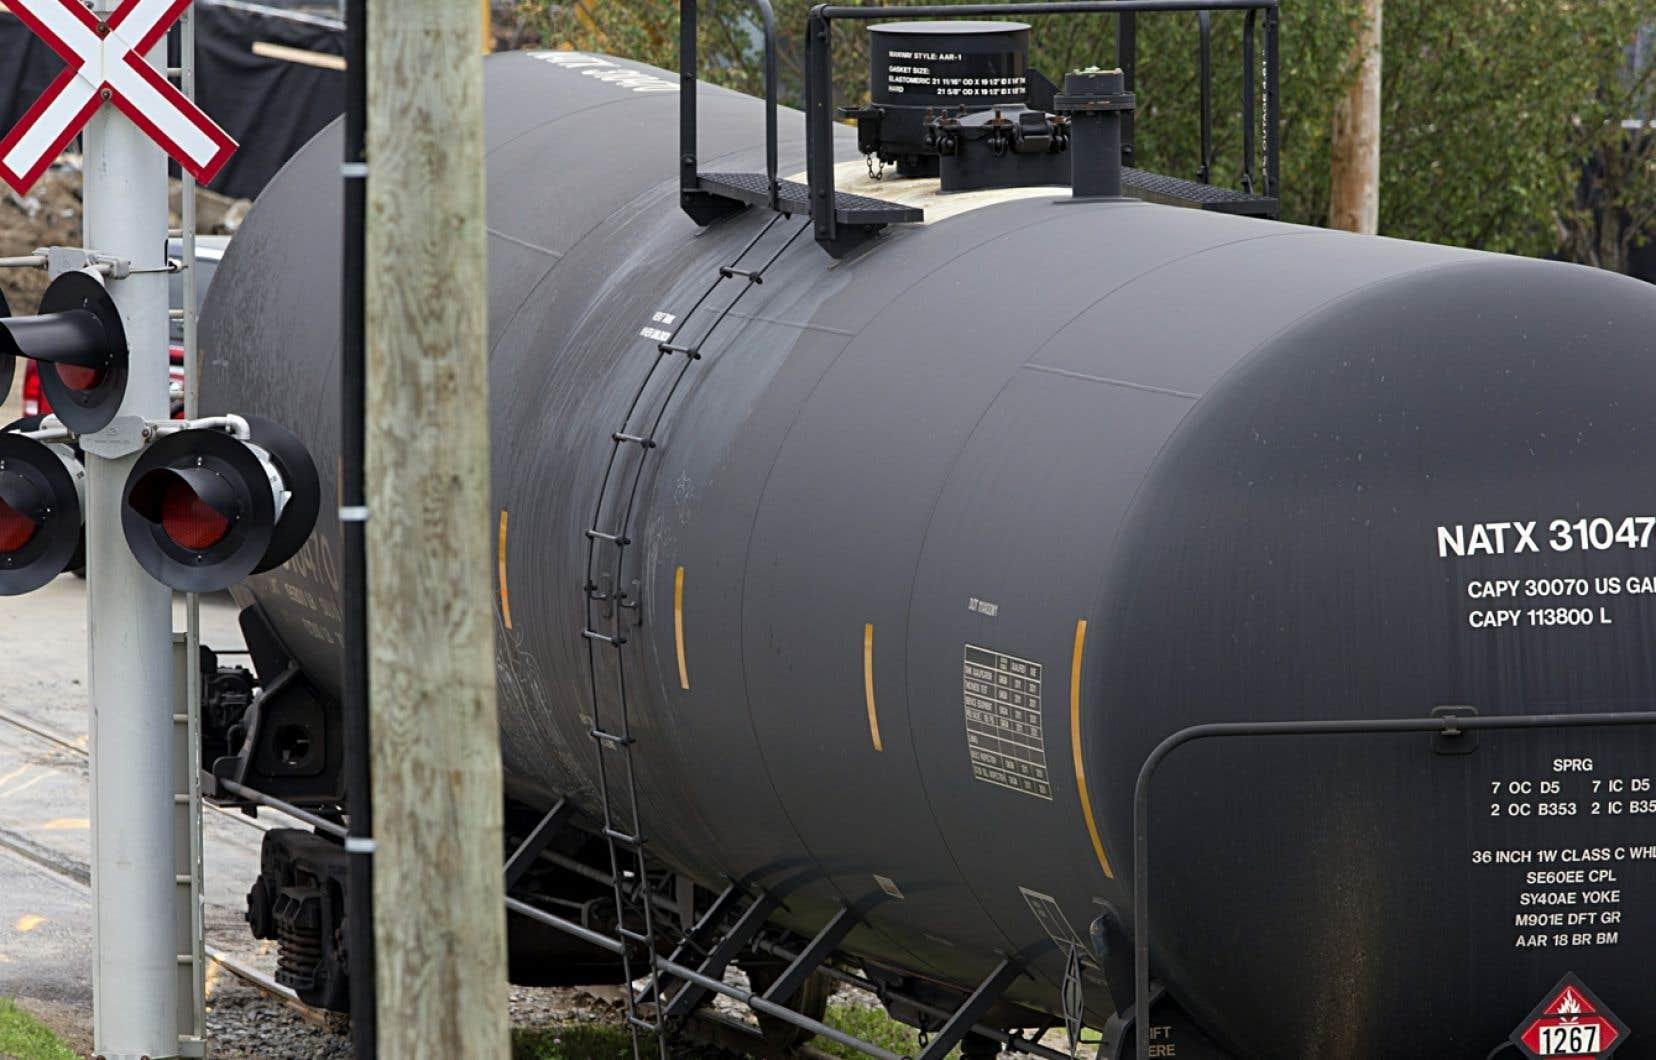 La requête mentionne que la tragédie de Lac-Mégantic ne serait pas arrivée si la World Fuel Services avait décrit la nature du brut transporté cette fois-là sur les étiquettes apposées sur les wagons.